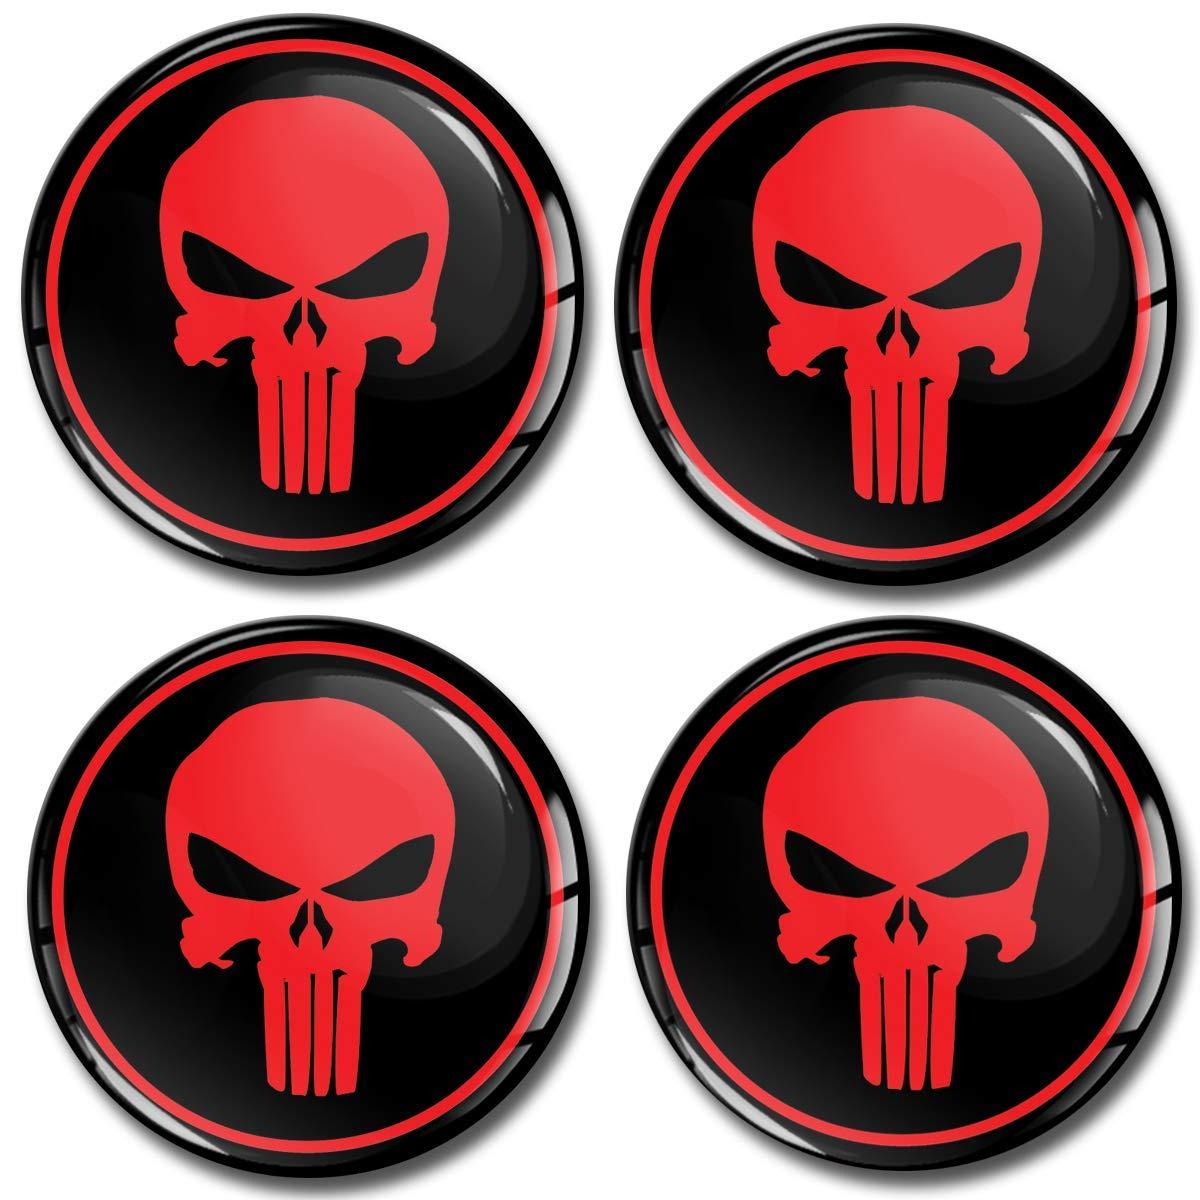 Skino 4 x 60mm Adesivi Resinati 3D Gel Stickers Auto Coprimozzi Logo Silicone Autoadesivo Stemma Adesivo Copricerchi Tappi Ruote Punisher Skull Teschio Rosso A 360